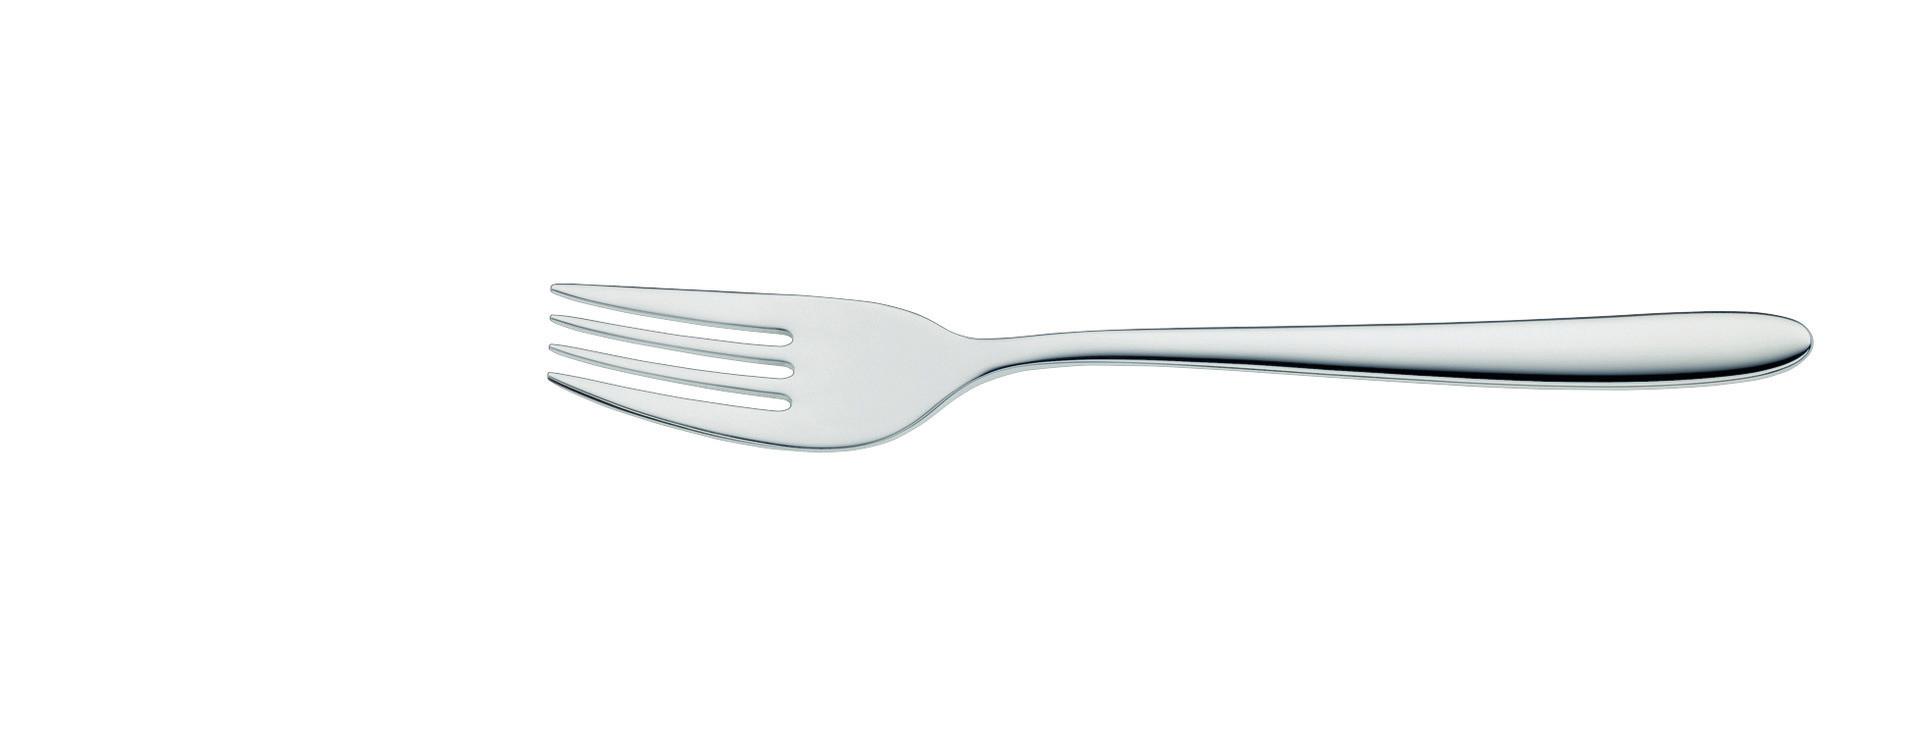 Ecco, Vorspeisen- / Dessertgabel 4-zinkig 157 mm